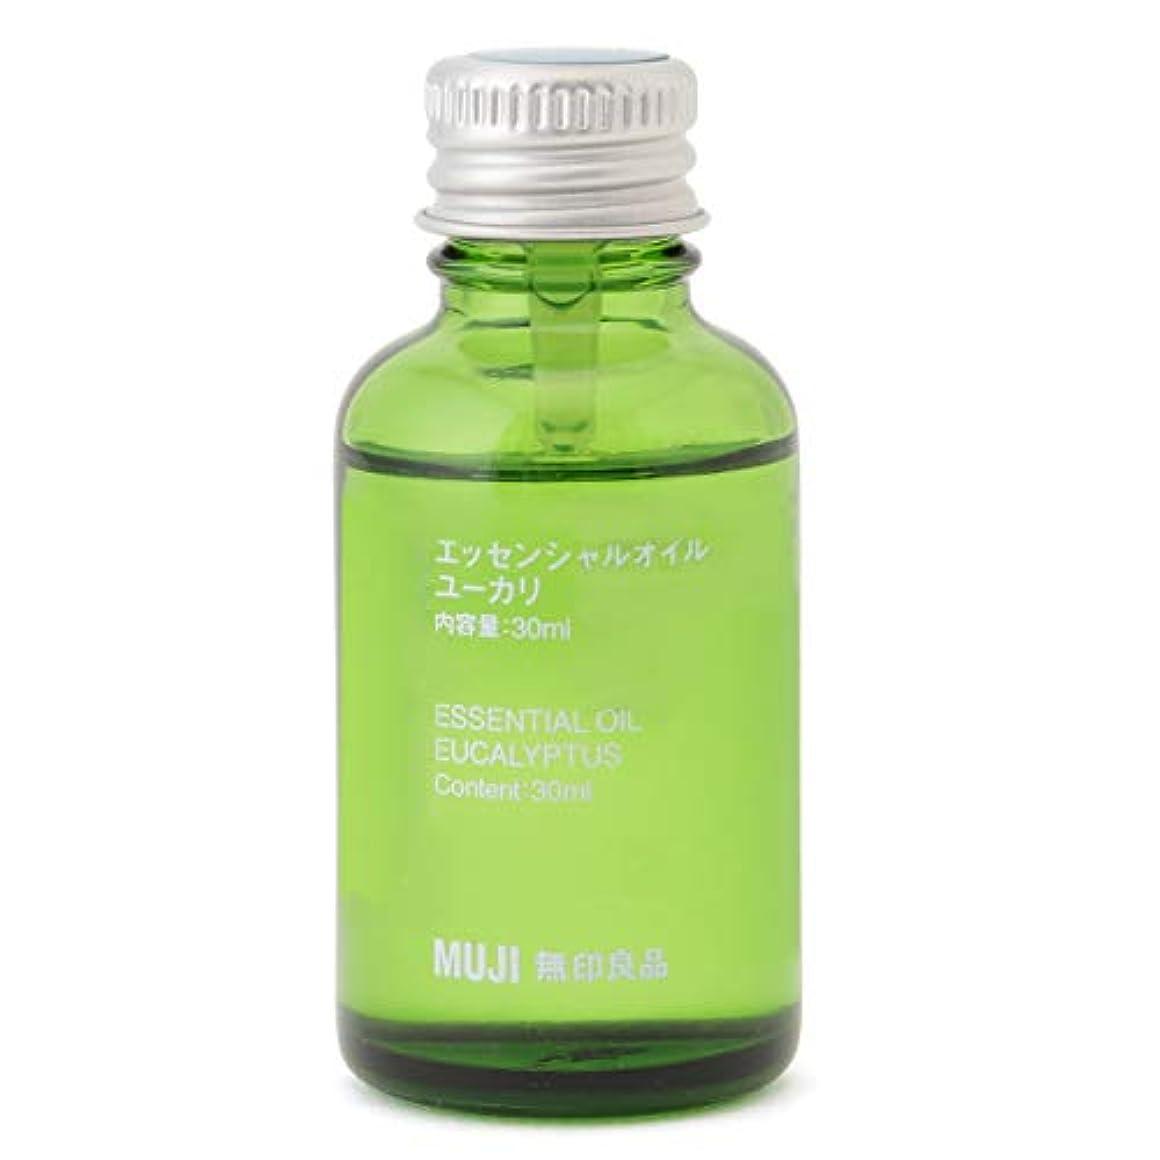 たっぷり利用可能改修【無印良品】エッセンシャルオイル30ml(ユーカリ)